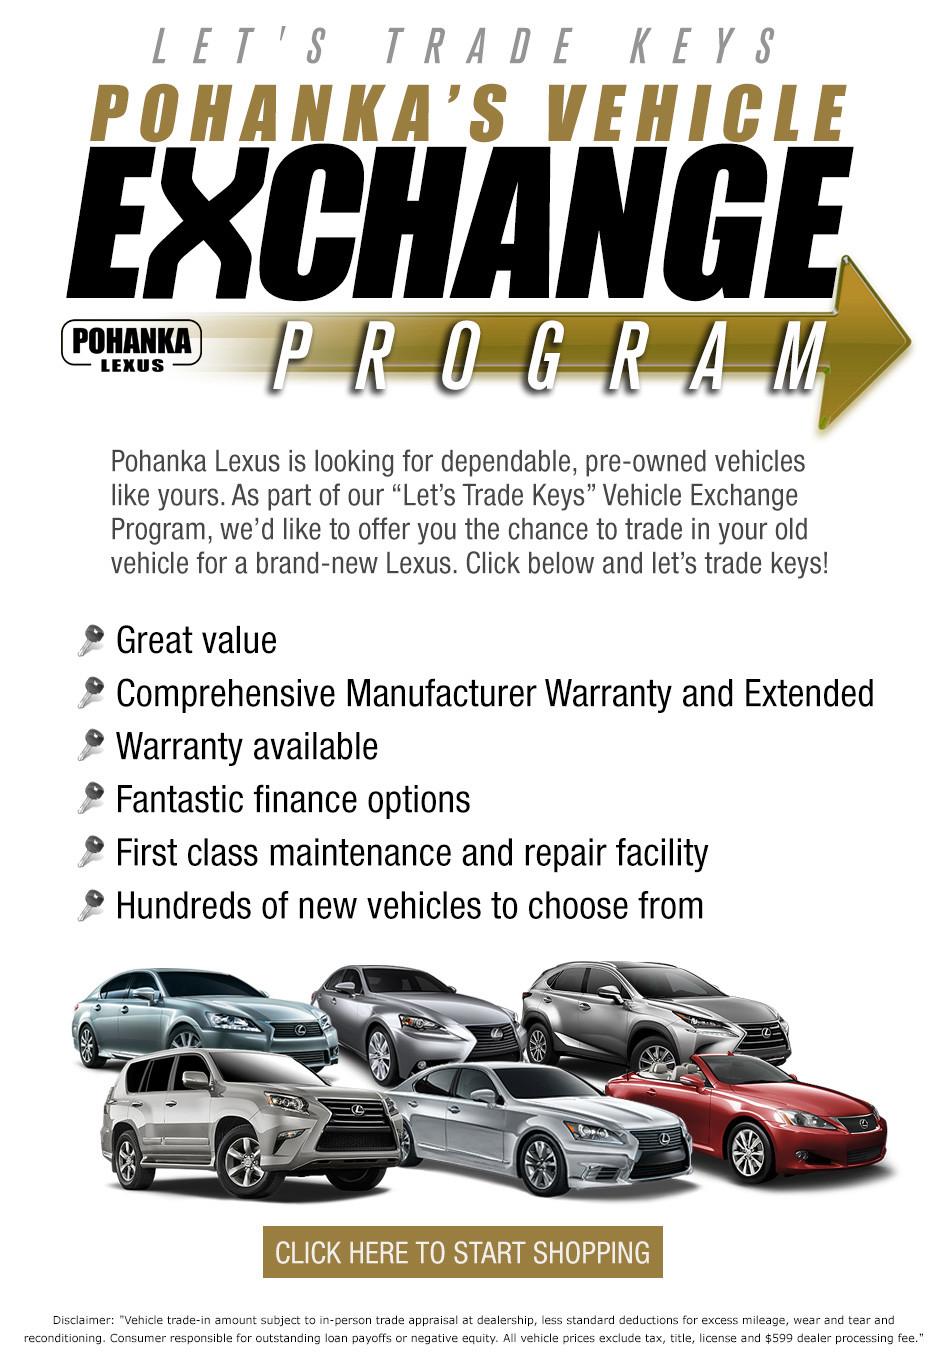 Pohanka Vehicle Exchange Program - Pohanka Lexus